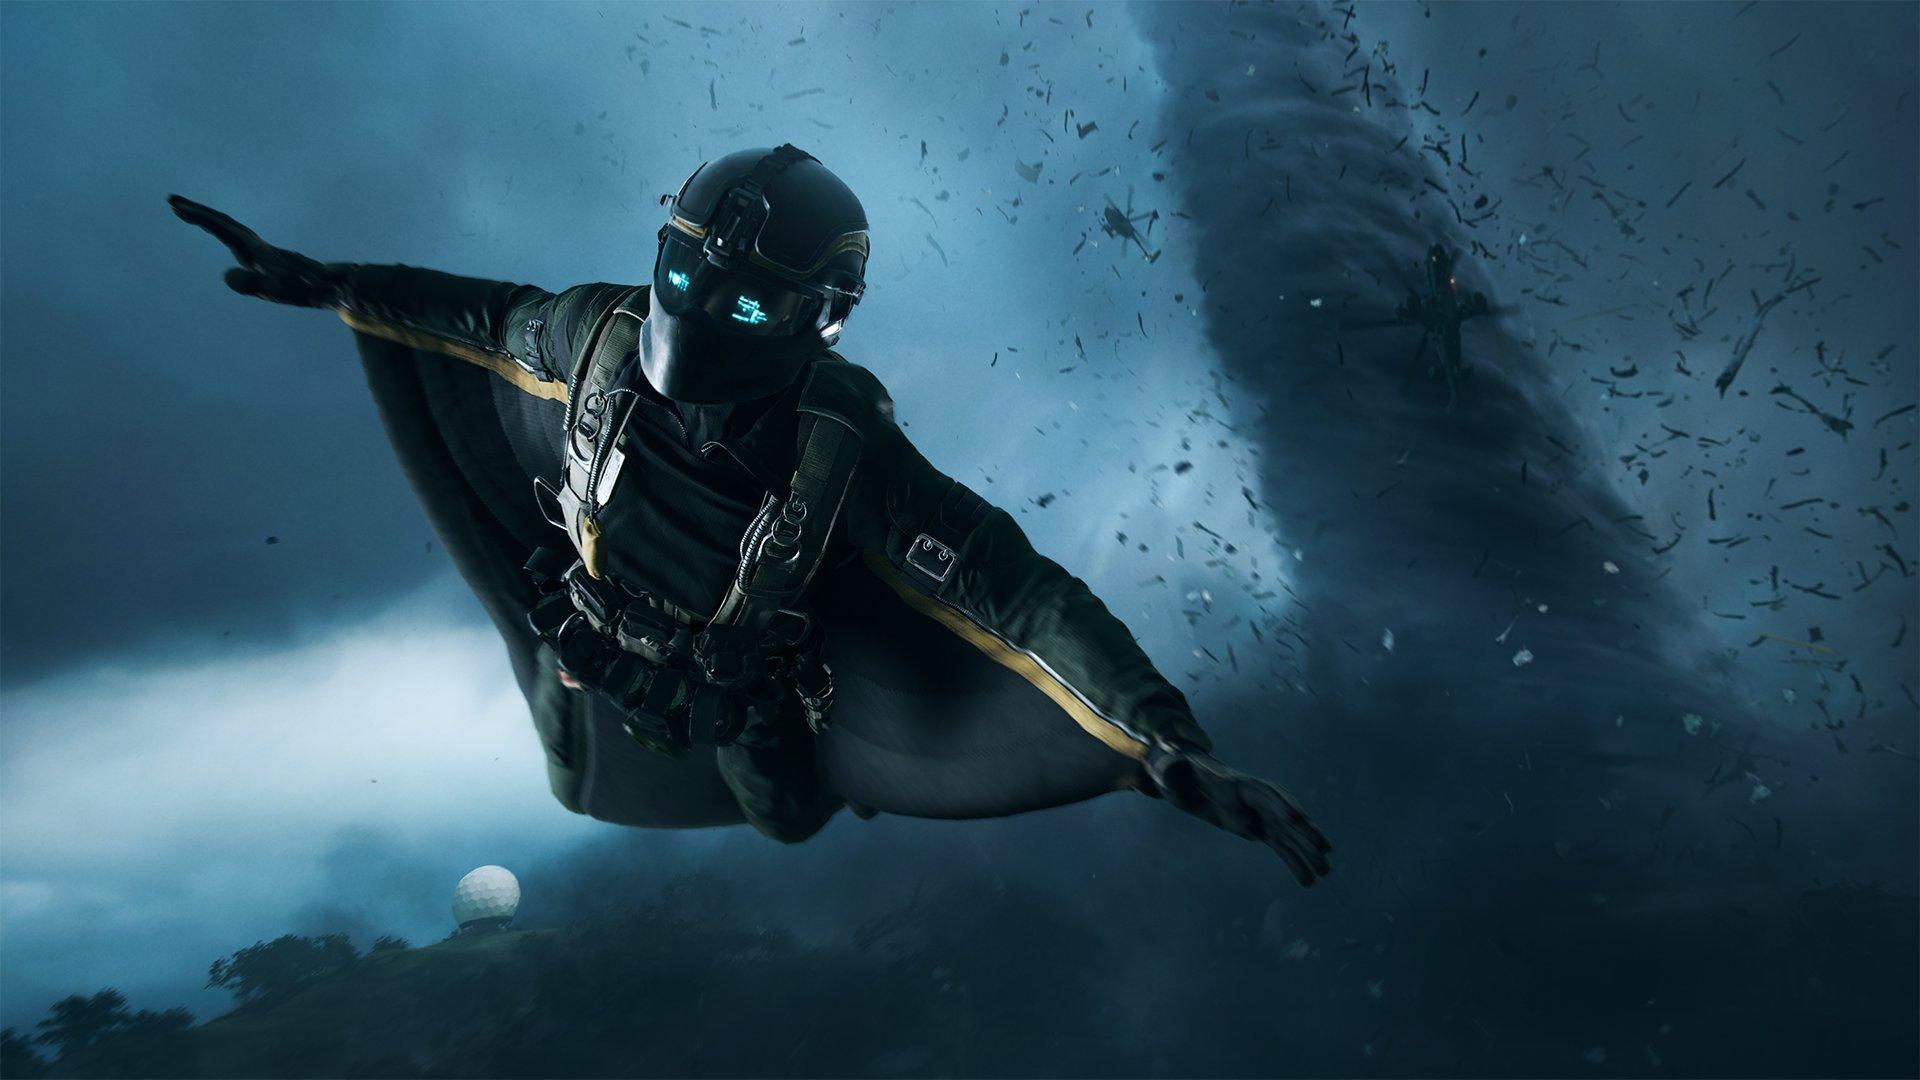 《战地2042》AI士兵无法被离线使用 数量不会超过真人玩家